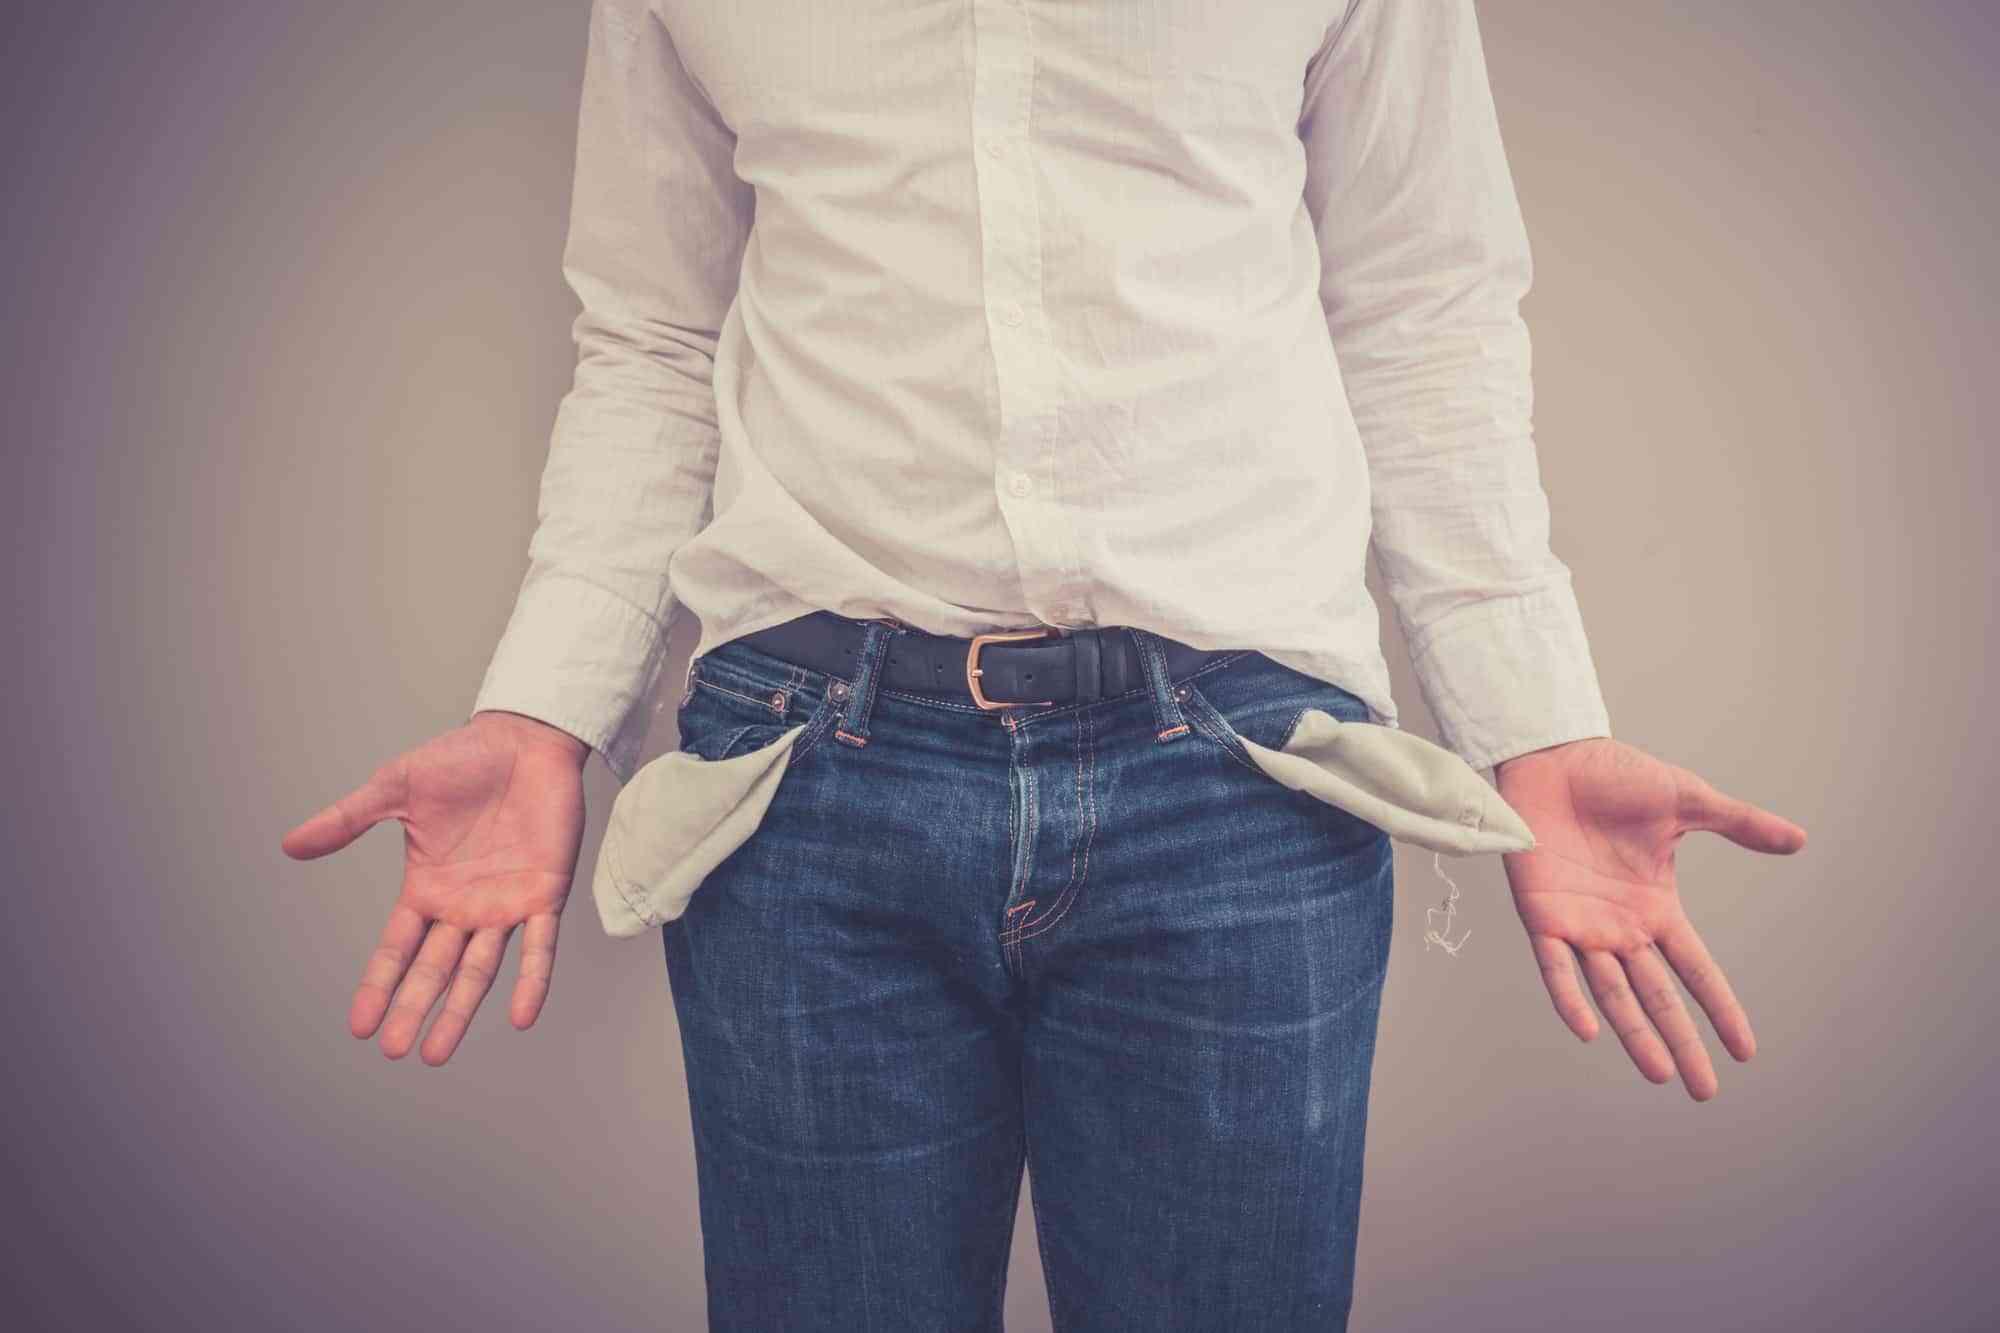 Las insolvencias empresariales aumentan un 13% el mes pasado